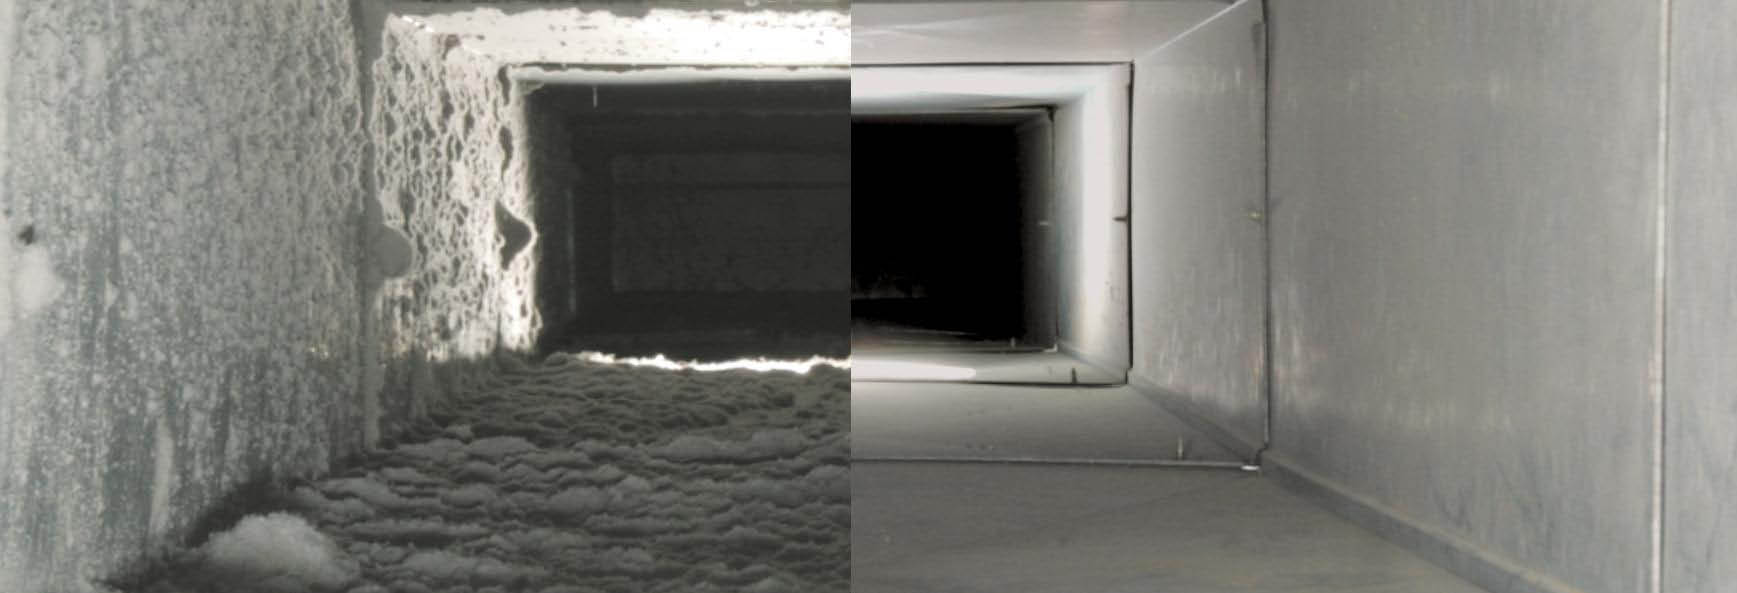 dirty clean air duct